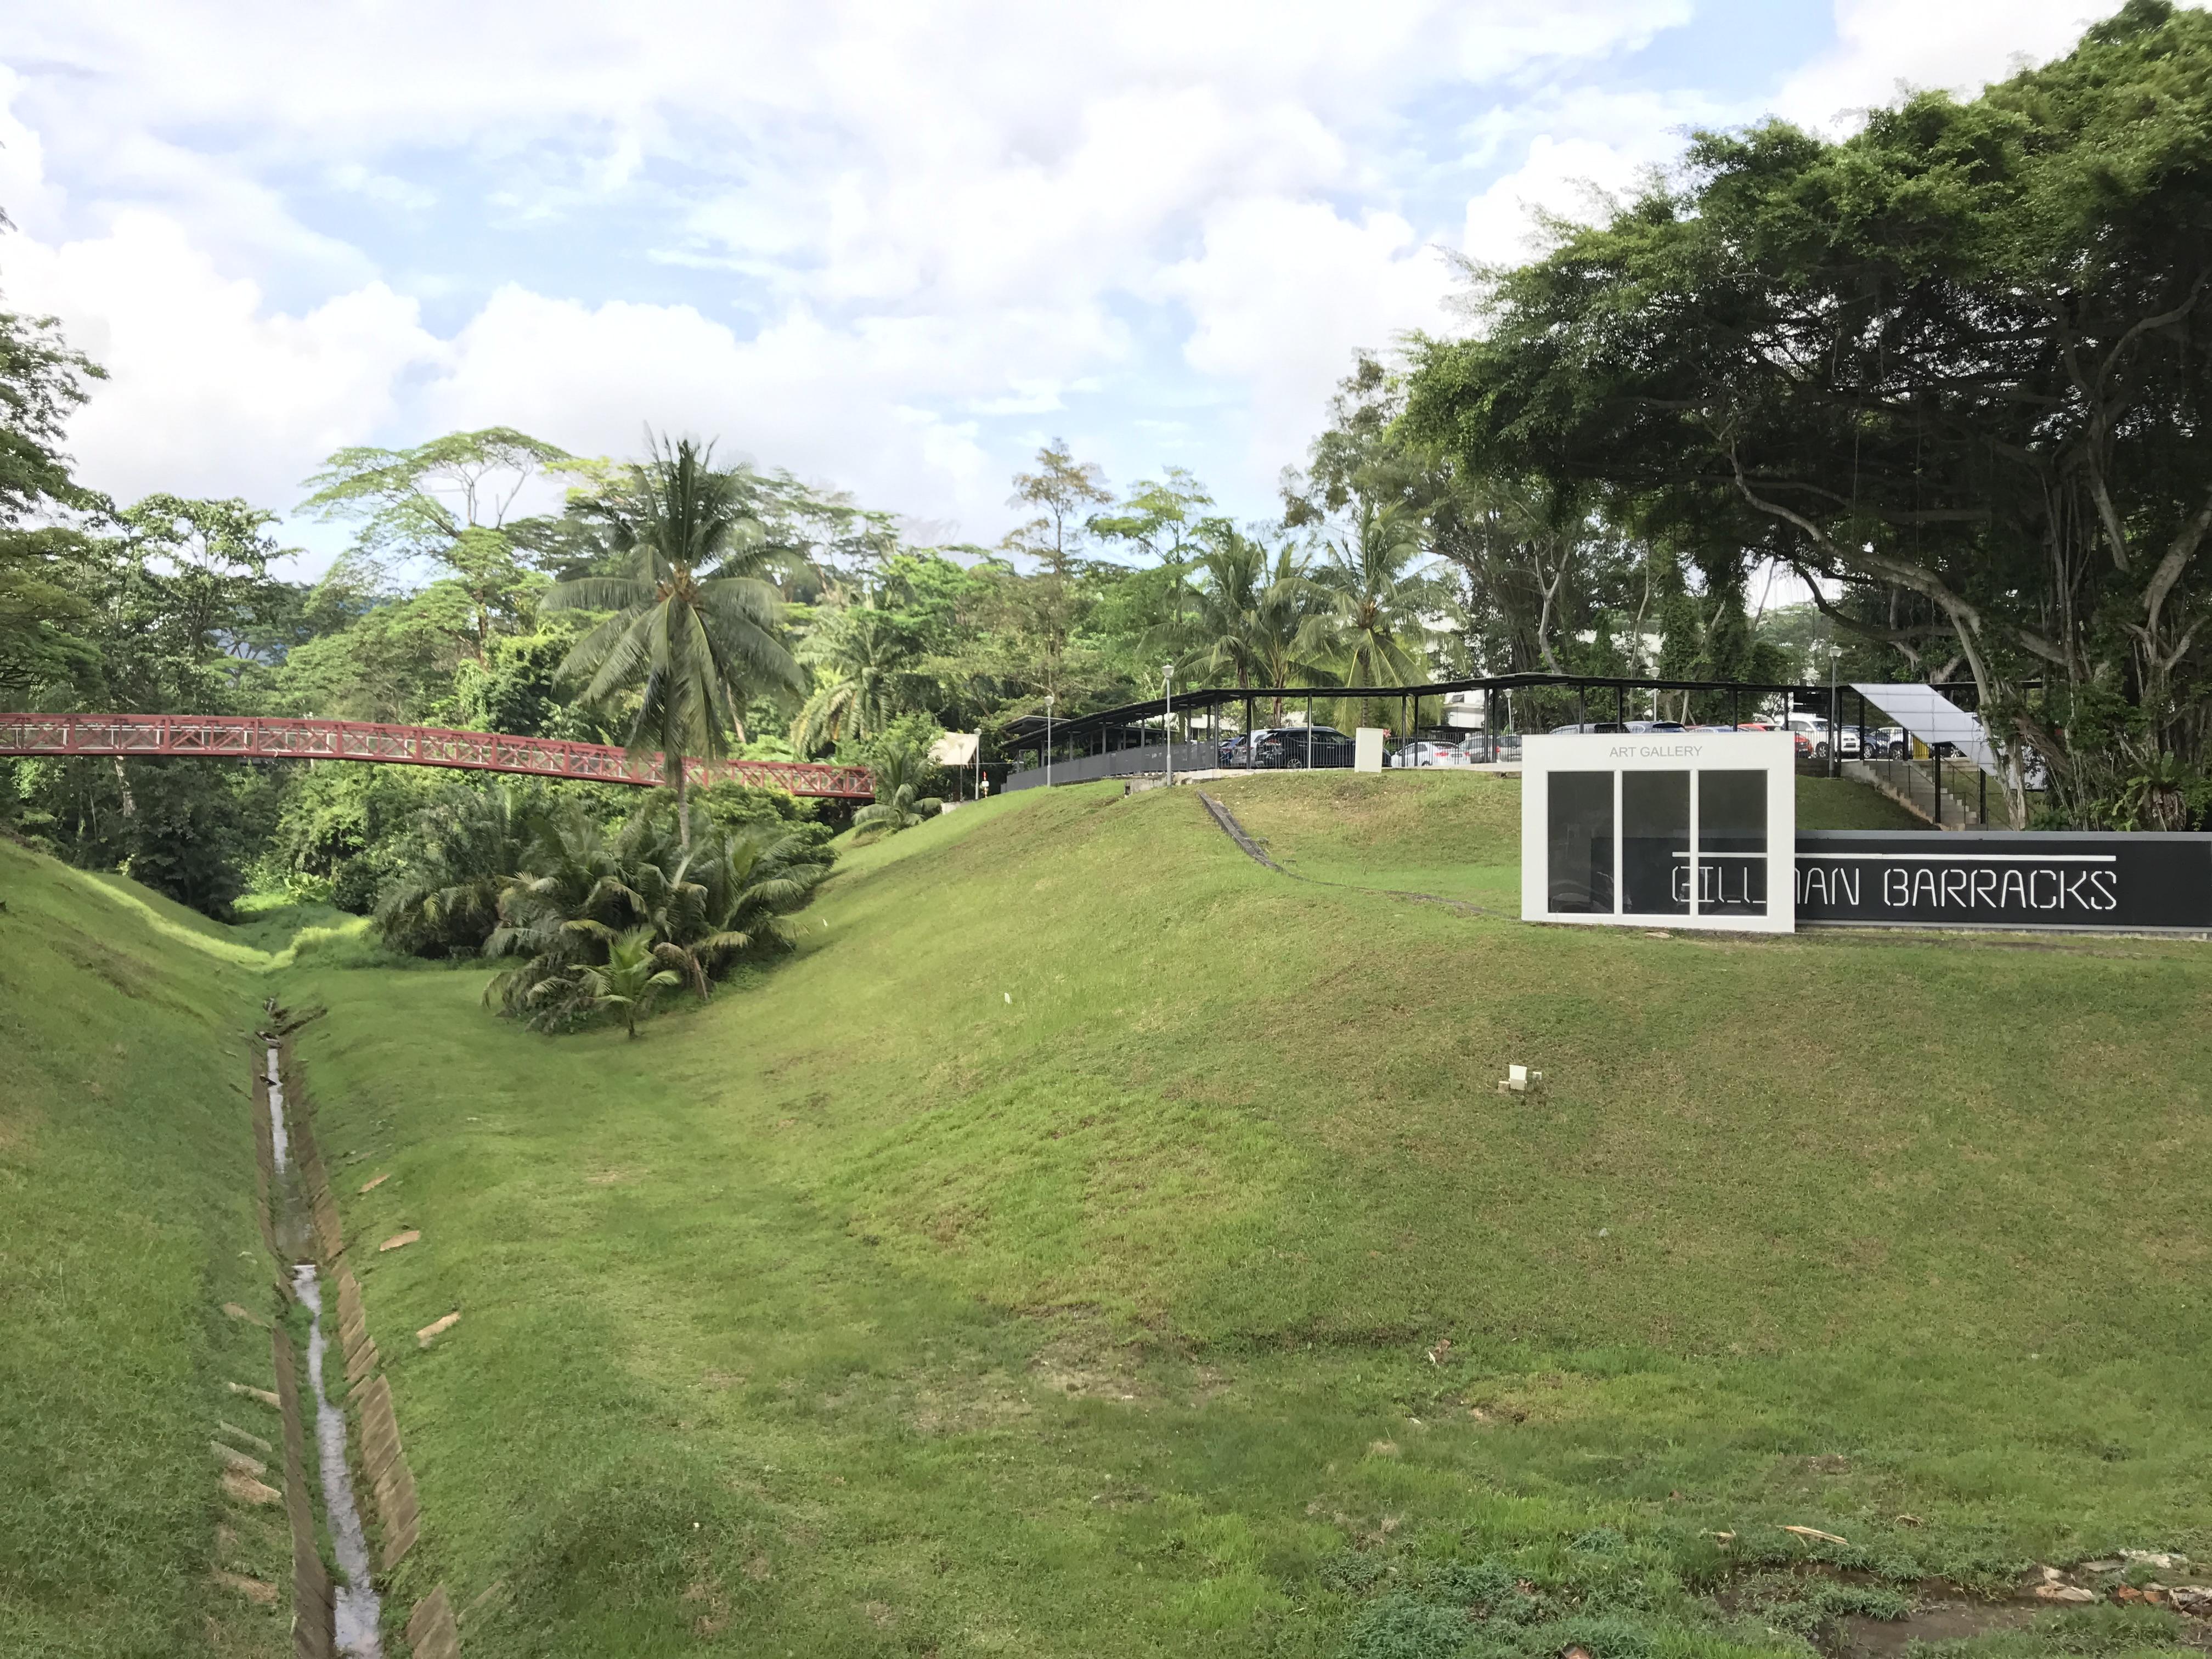 Gillman barracks wikipedia